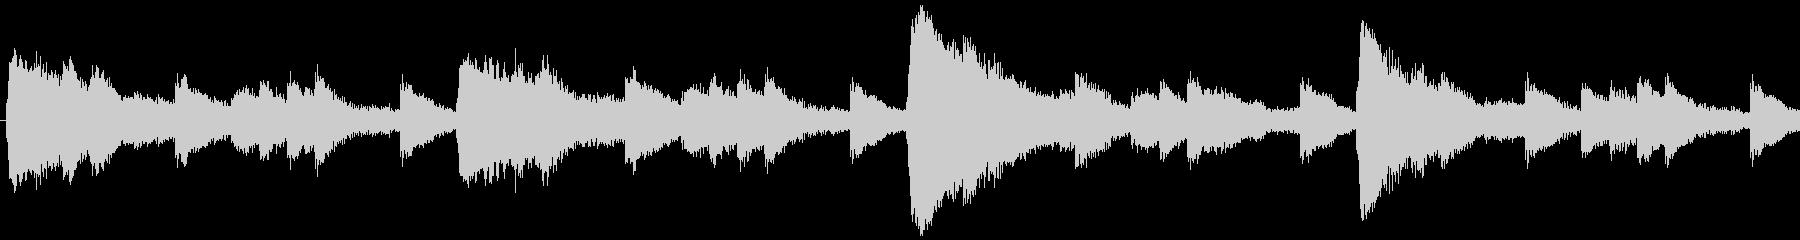 環境にやさしい事業紹介のCM曲-ループ1の未再生の波形